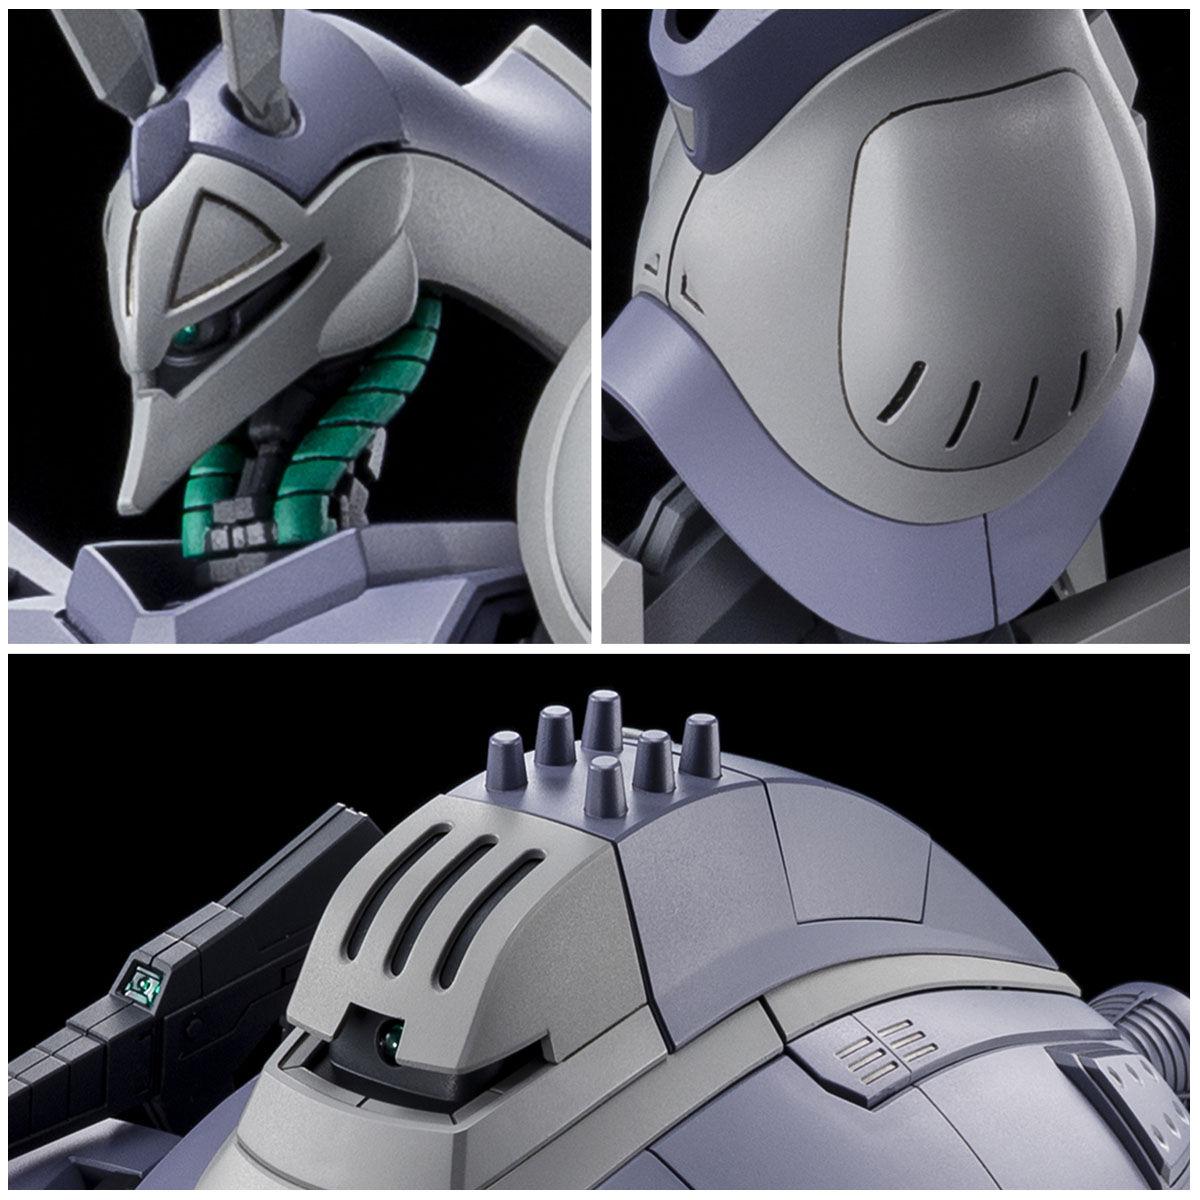 【限定販売】HG 1/144『バウンド・ドック(ゲーツ・キャパ専用機)』機動戦士Zガンダム プラモデル-009